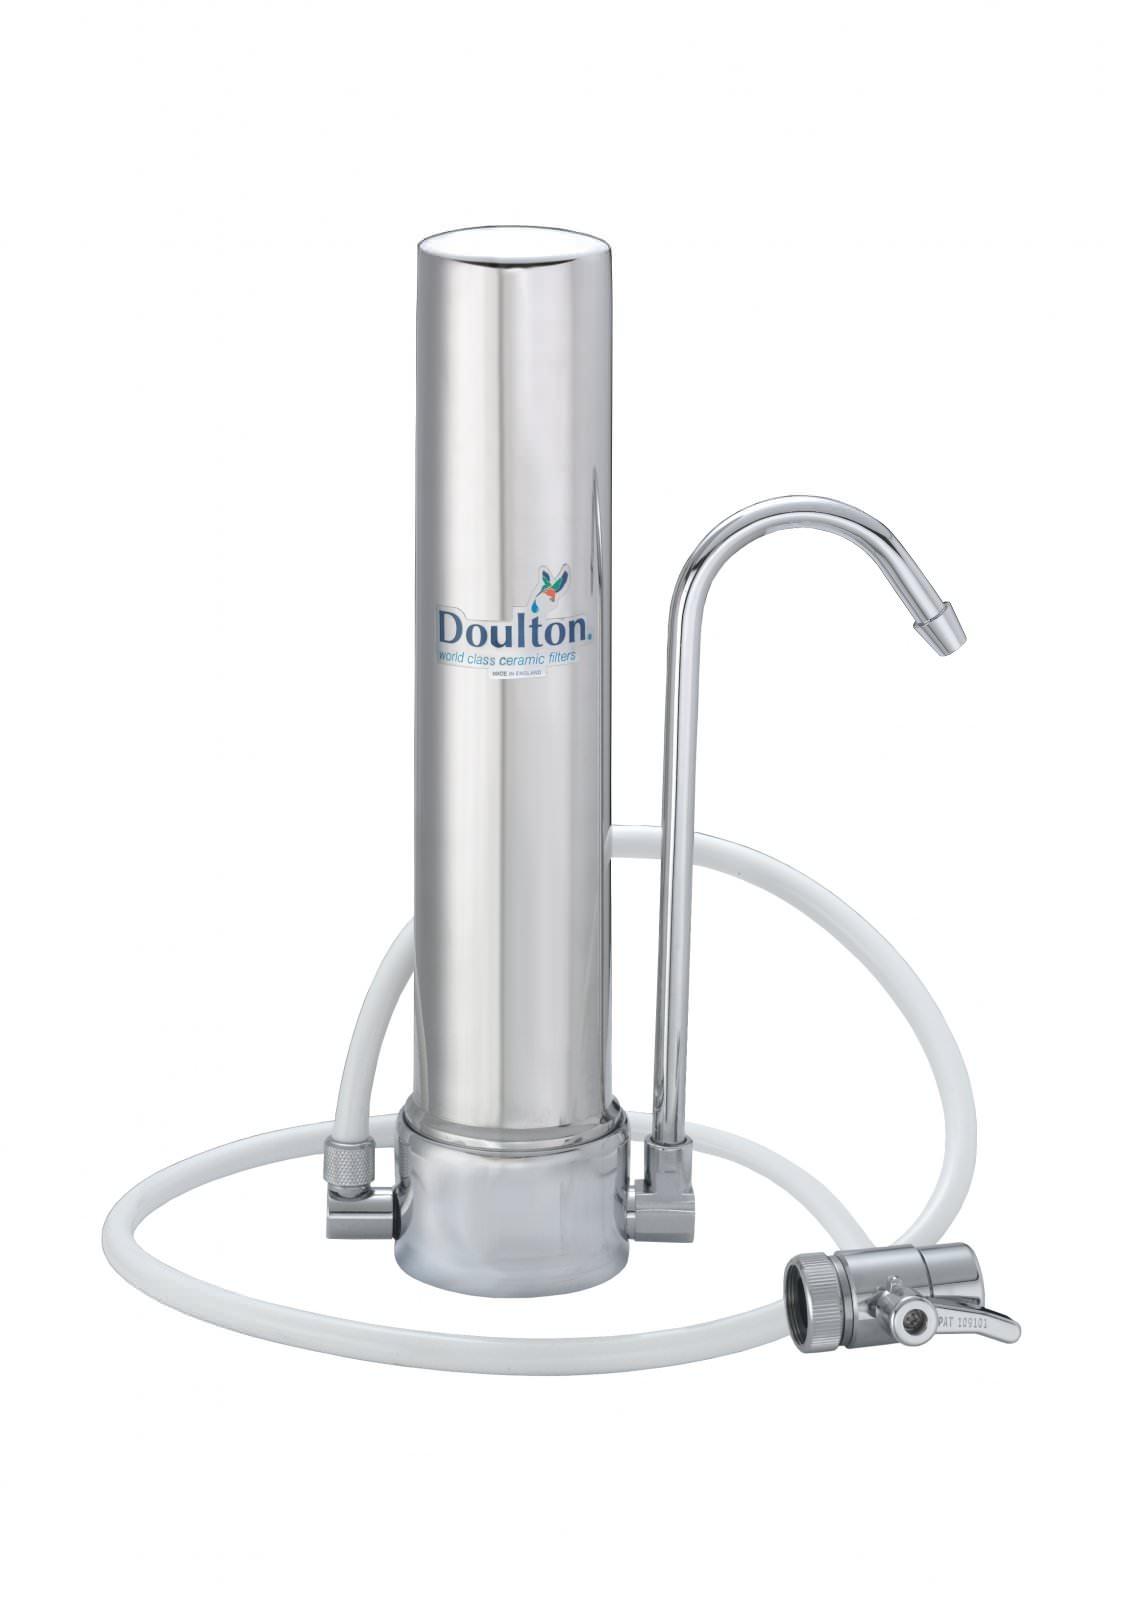 Aqua-techniques - Filtre sur évier Doulton Hcs